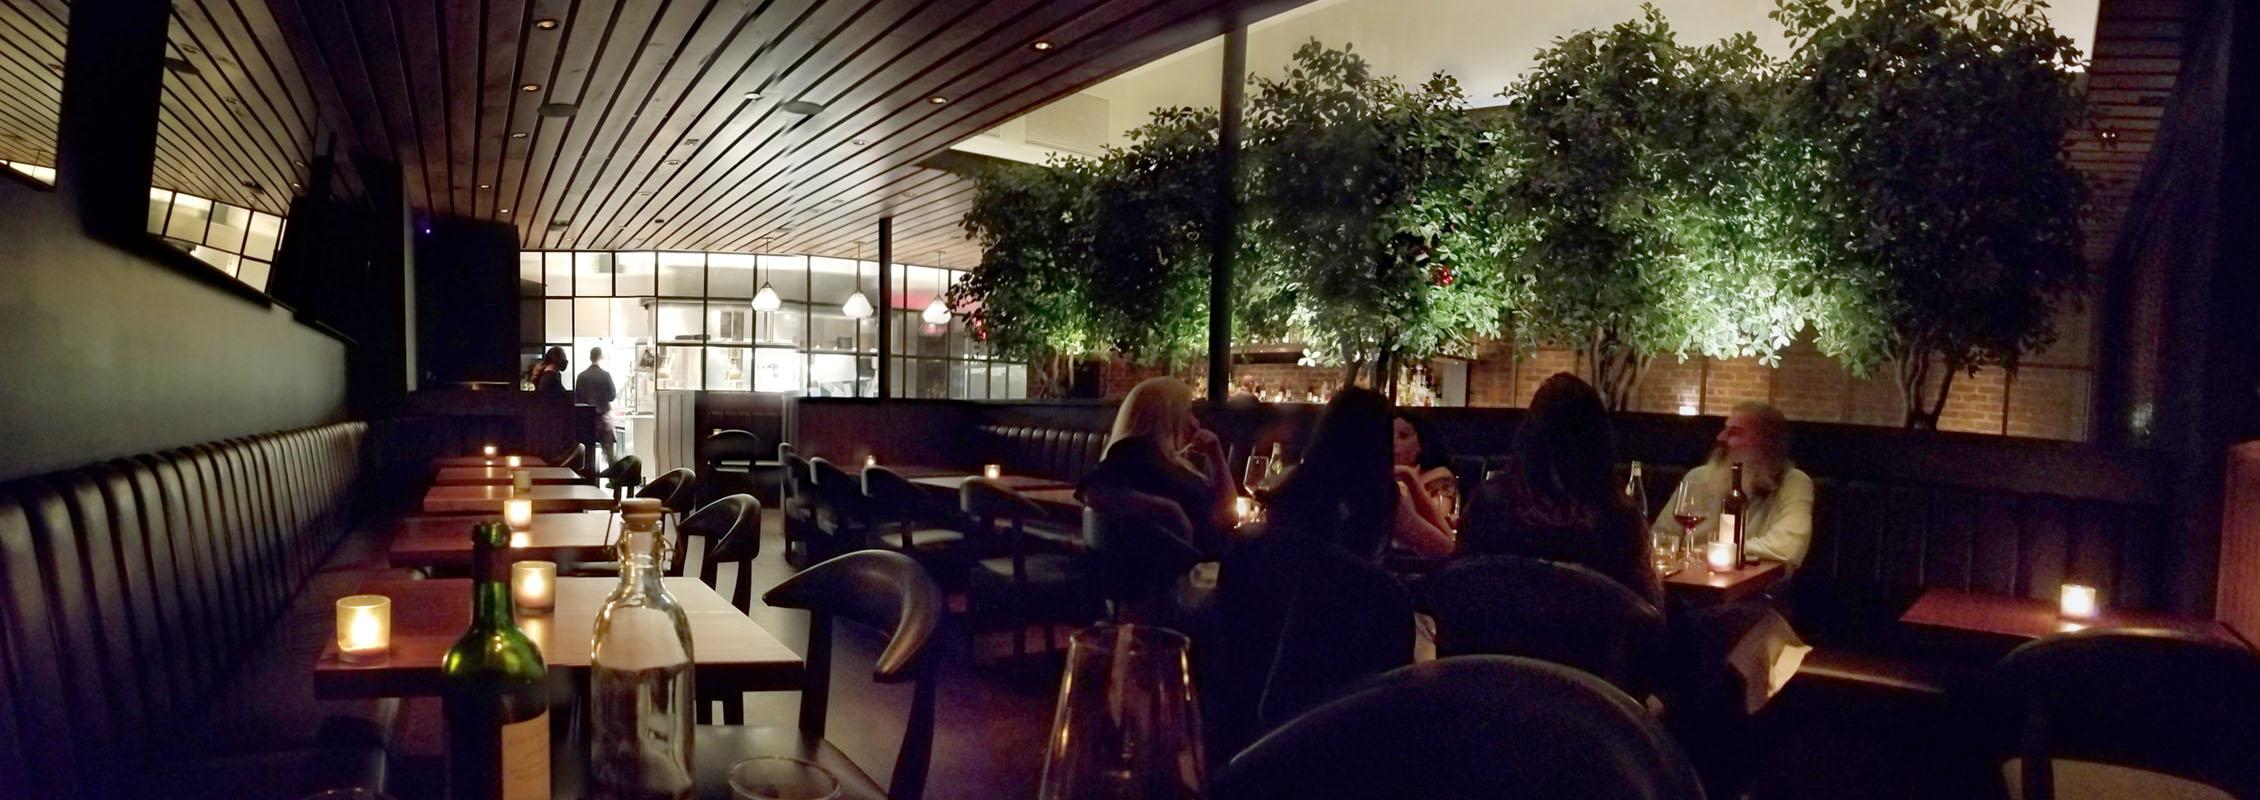 Matū Interior: Dining Room